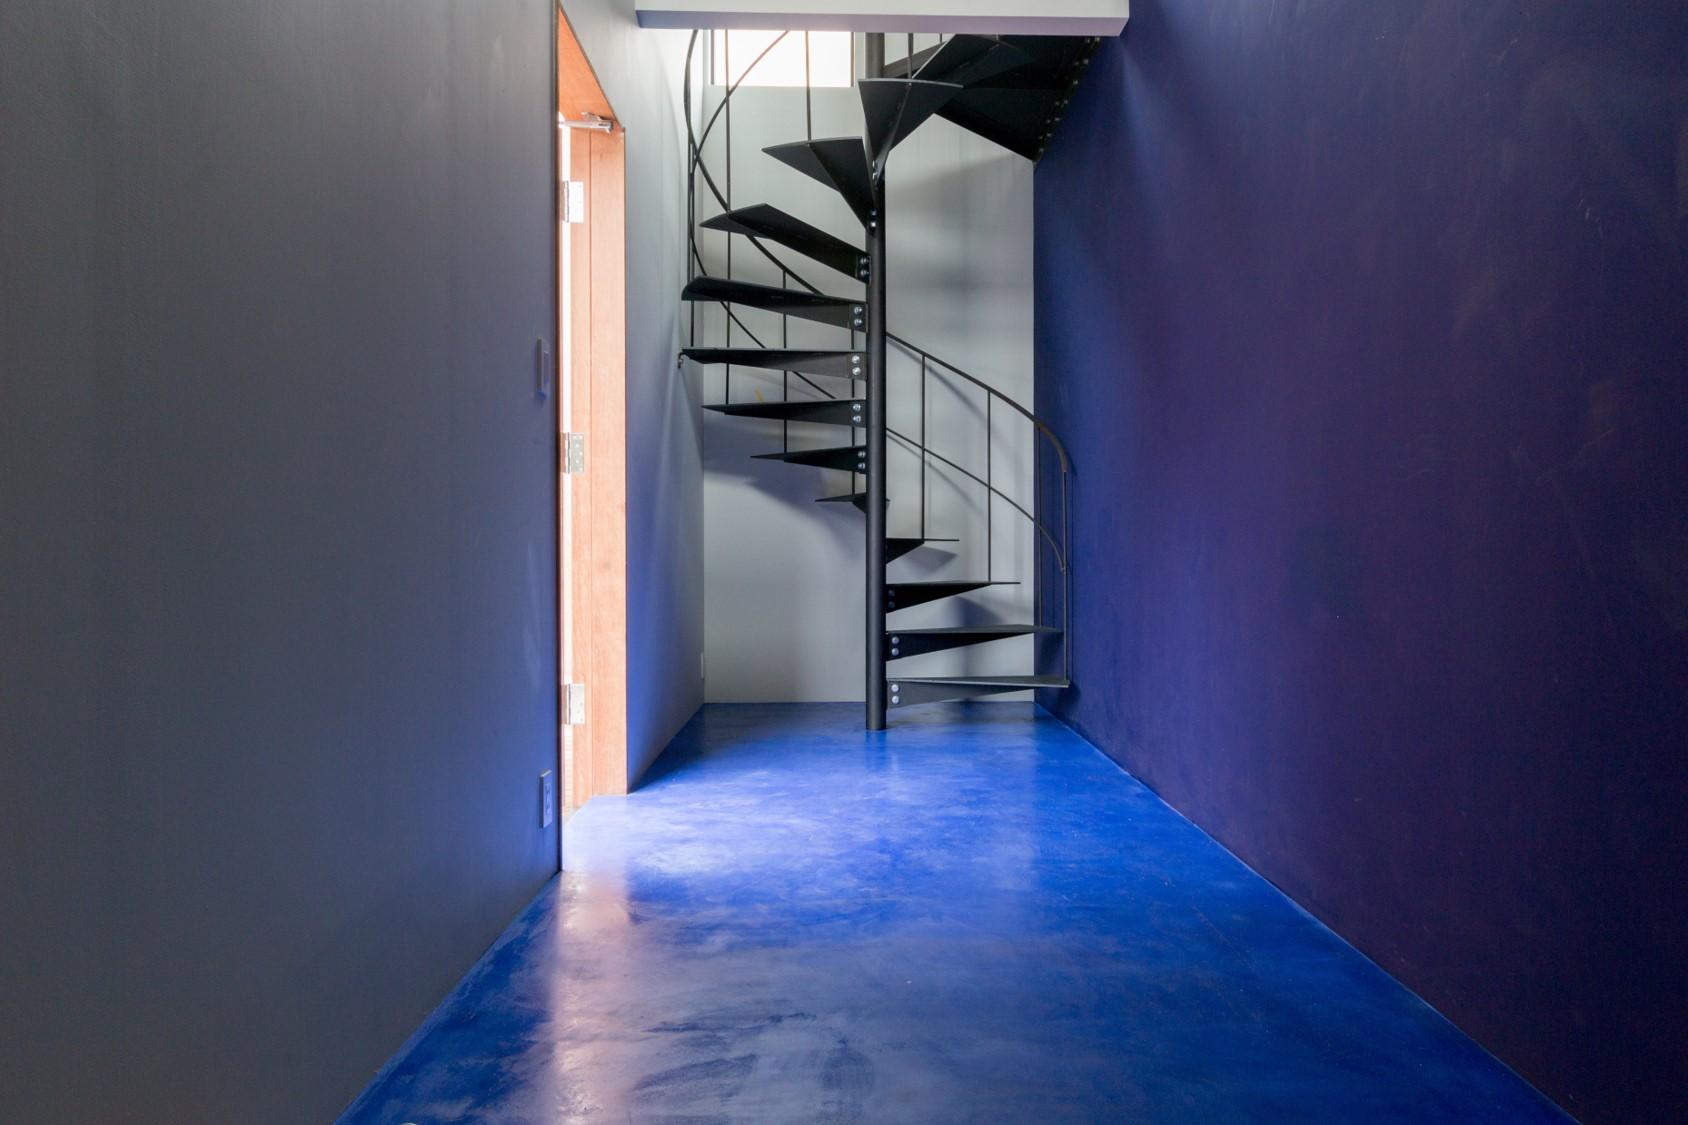 Minamo(水面)のエントランス。青い壁は海の底を連想させる。奥には2階へ続く螺旋階段が。